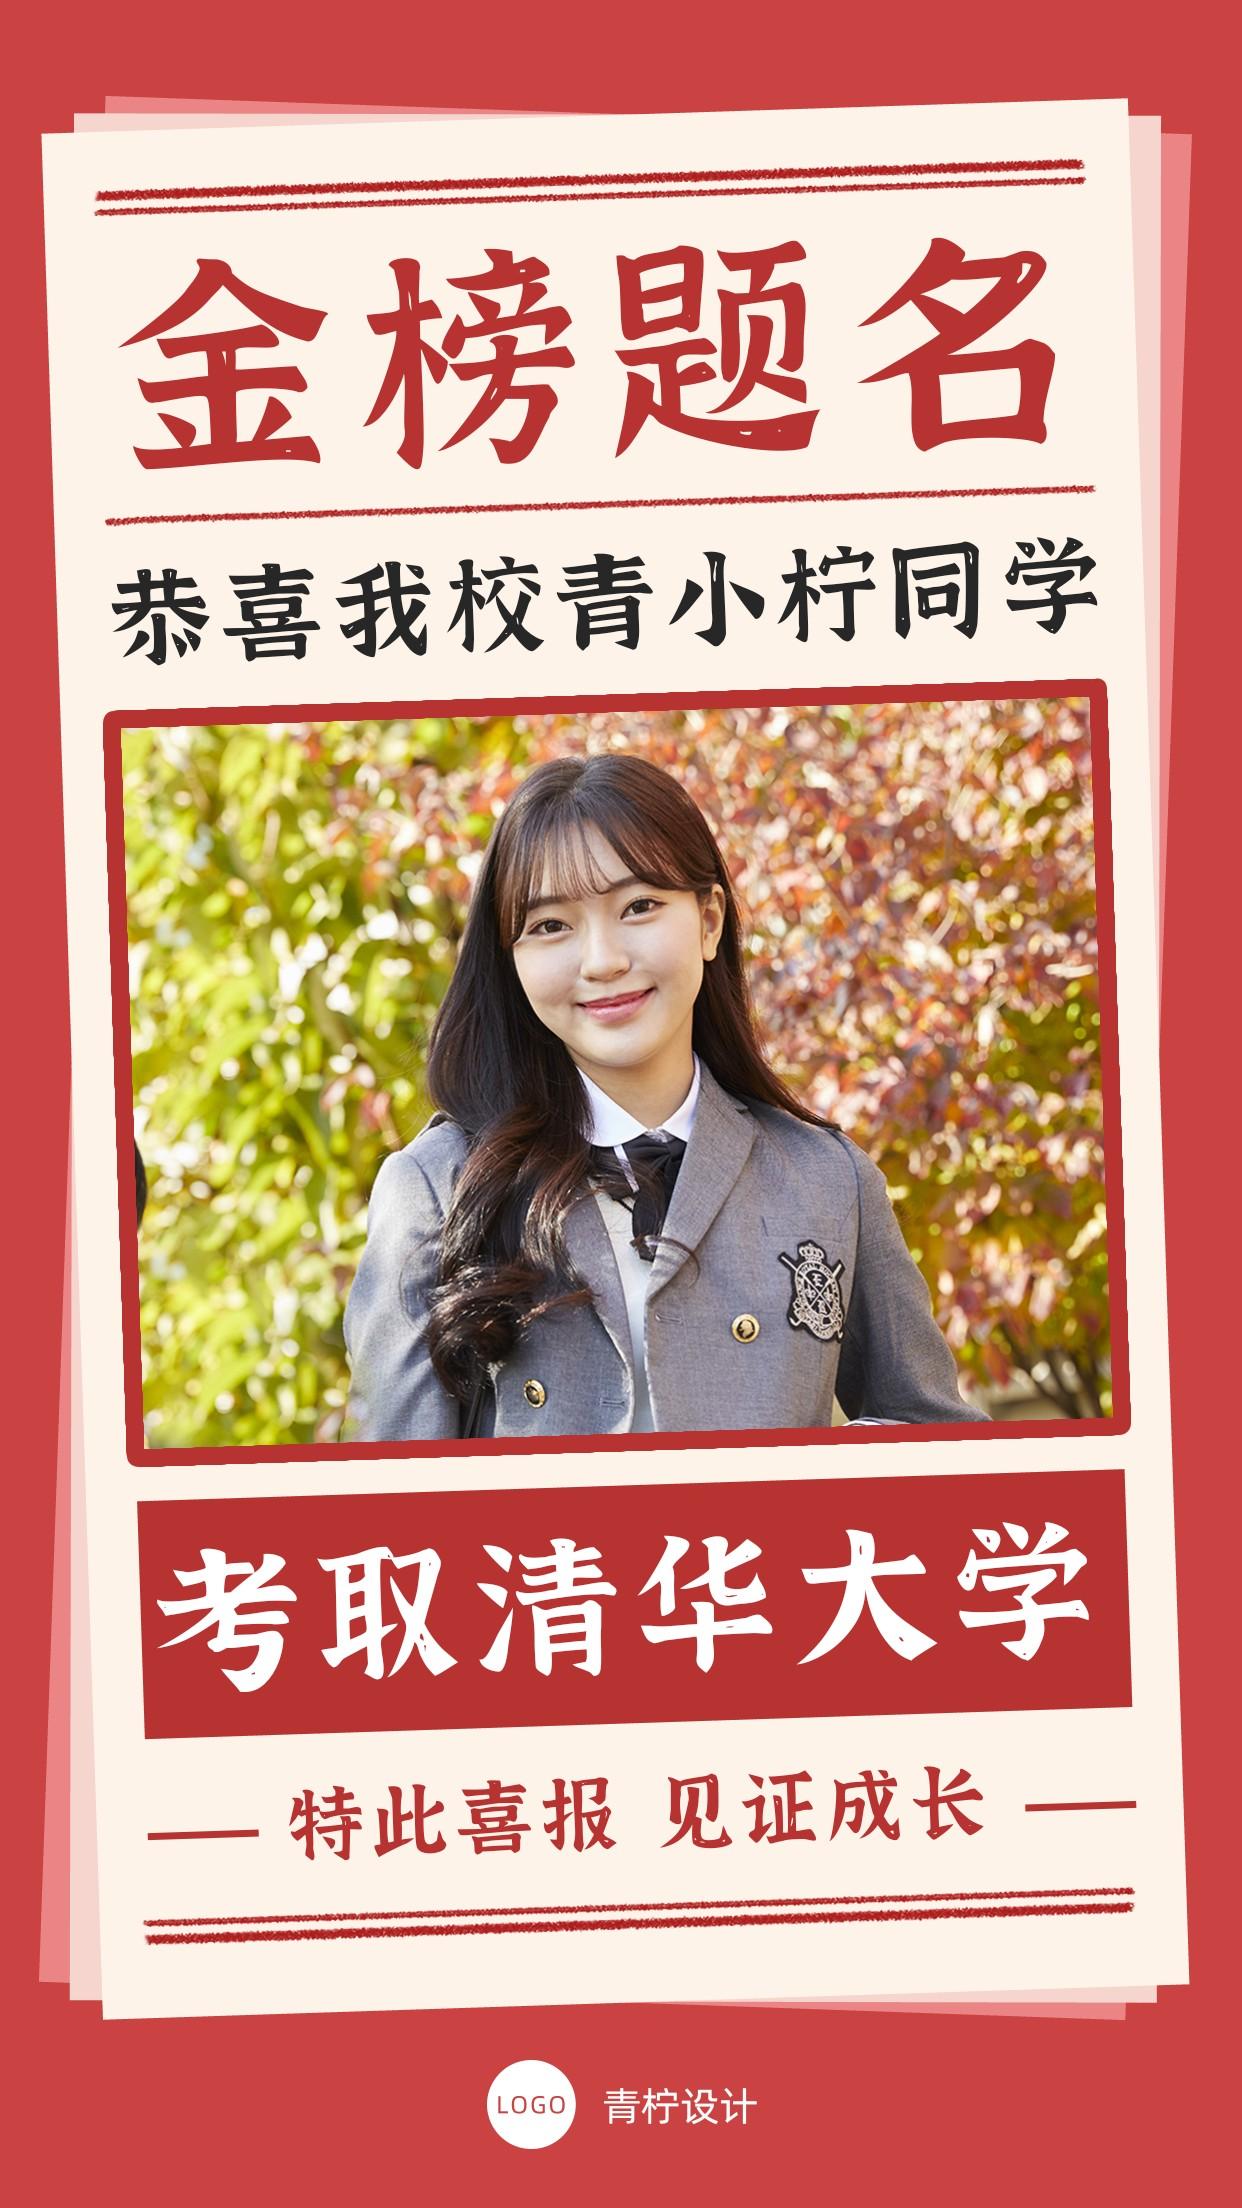 喜庆教育培训高考手机海报